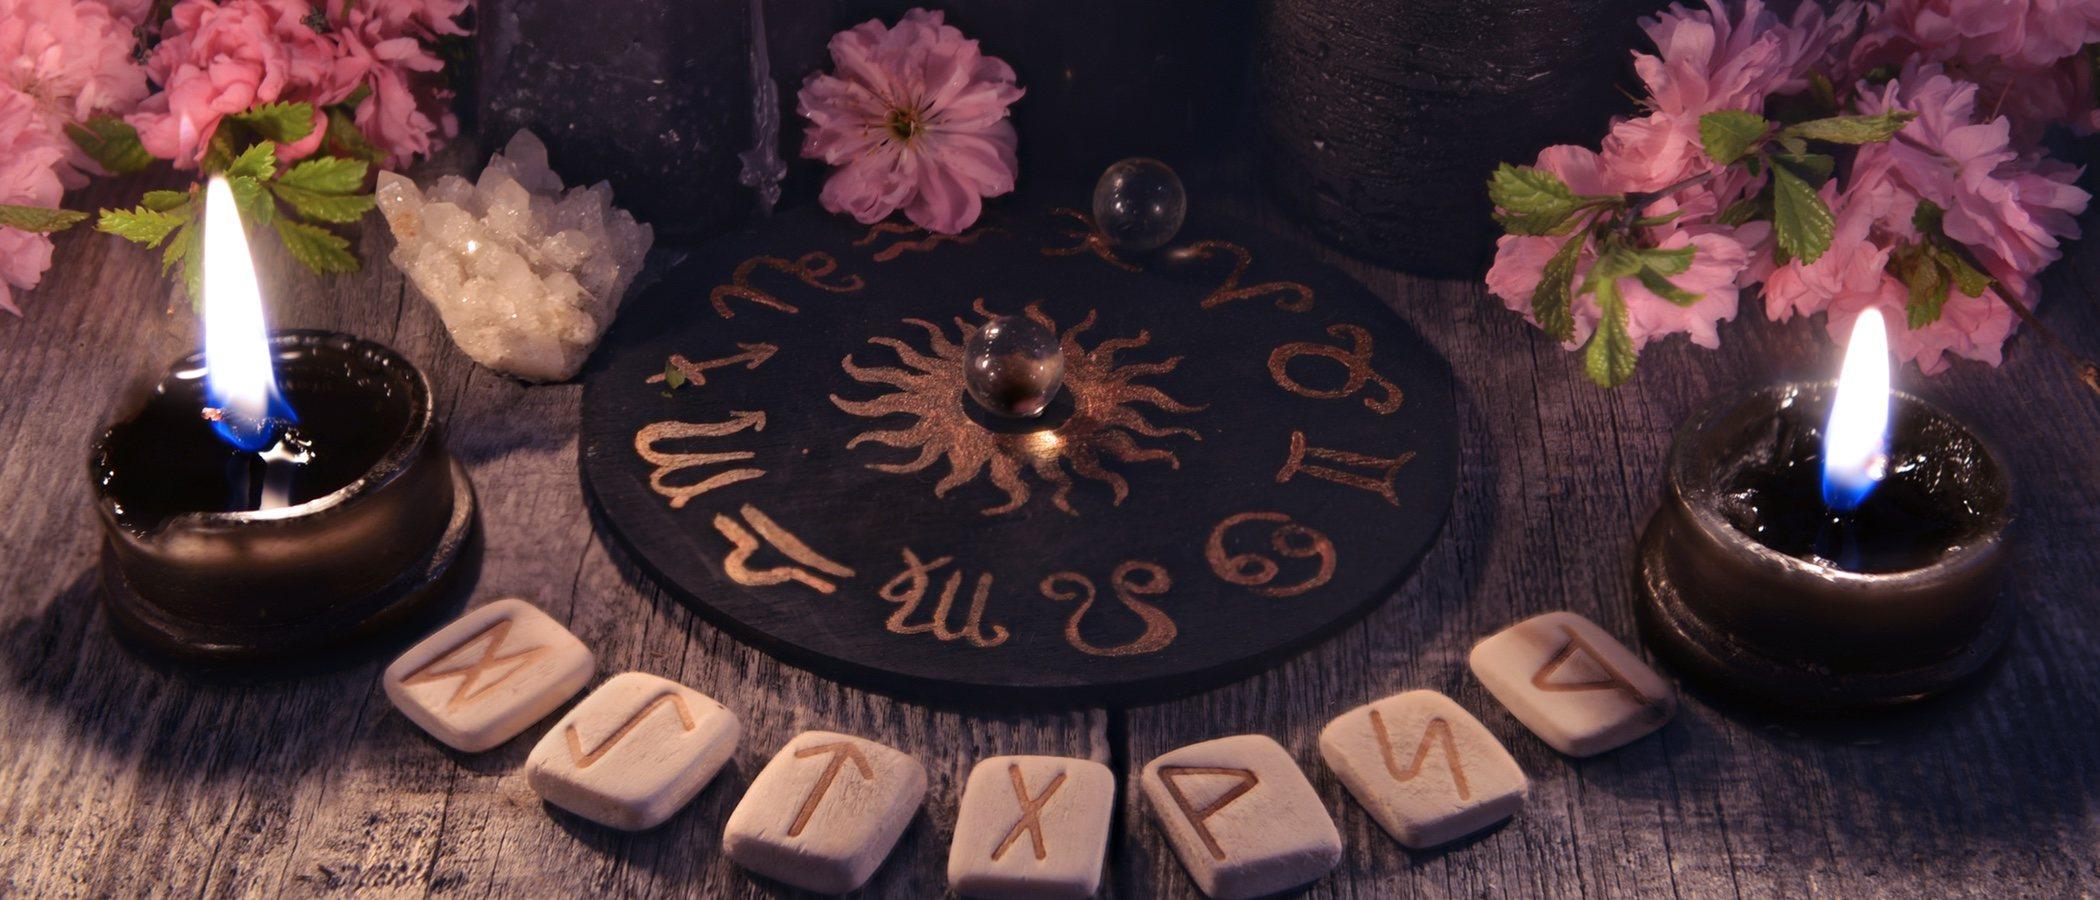 Qué rituales hago para el día de mi cumpleaños